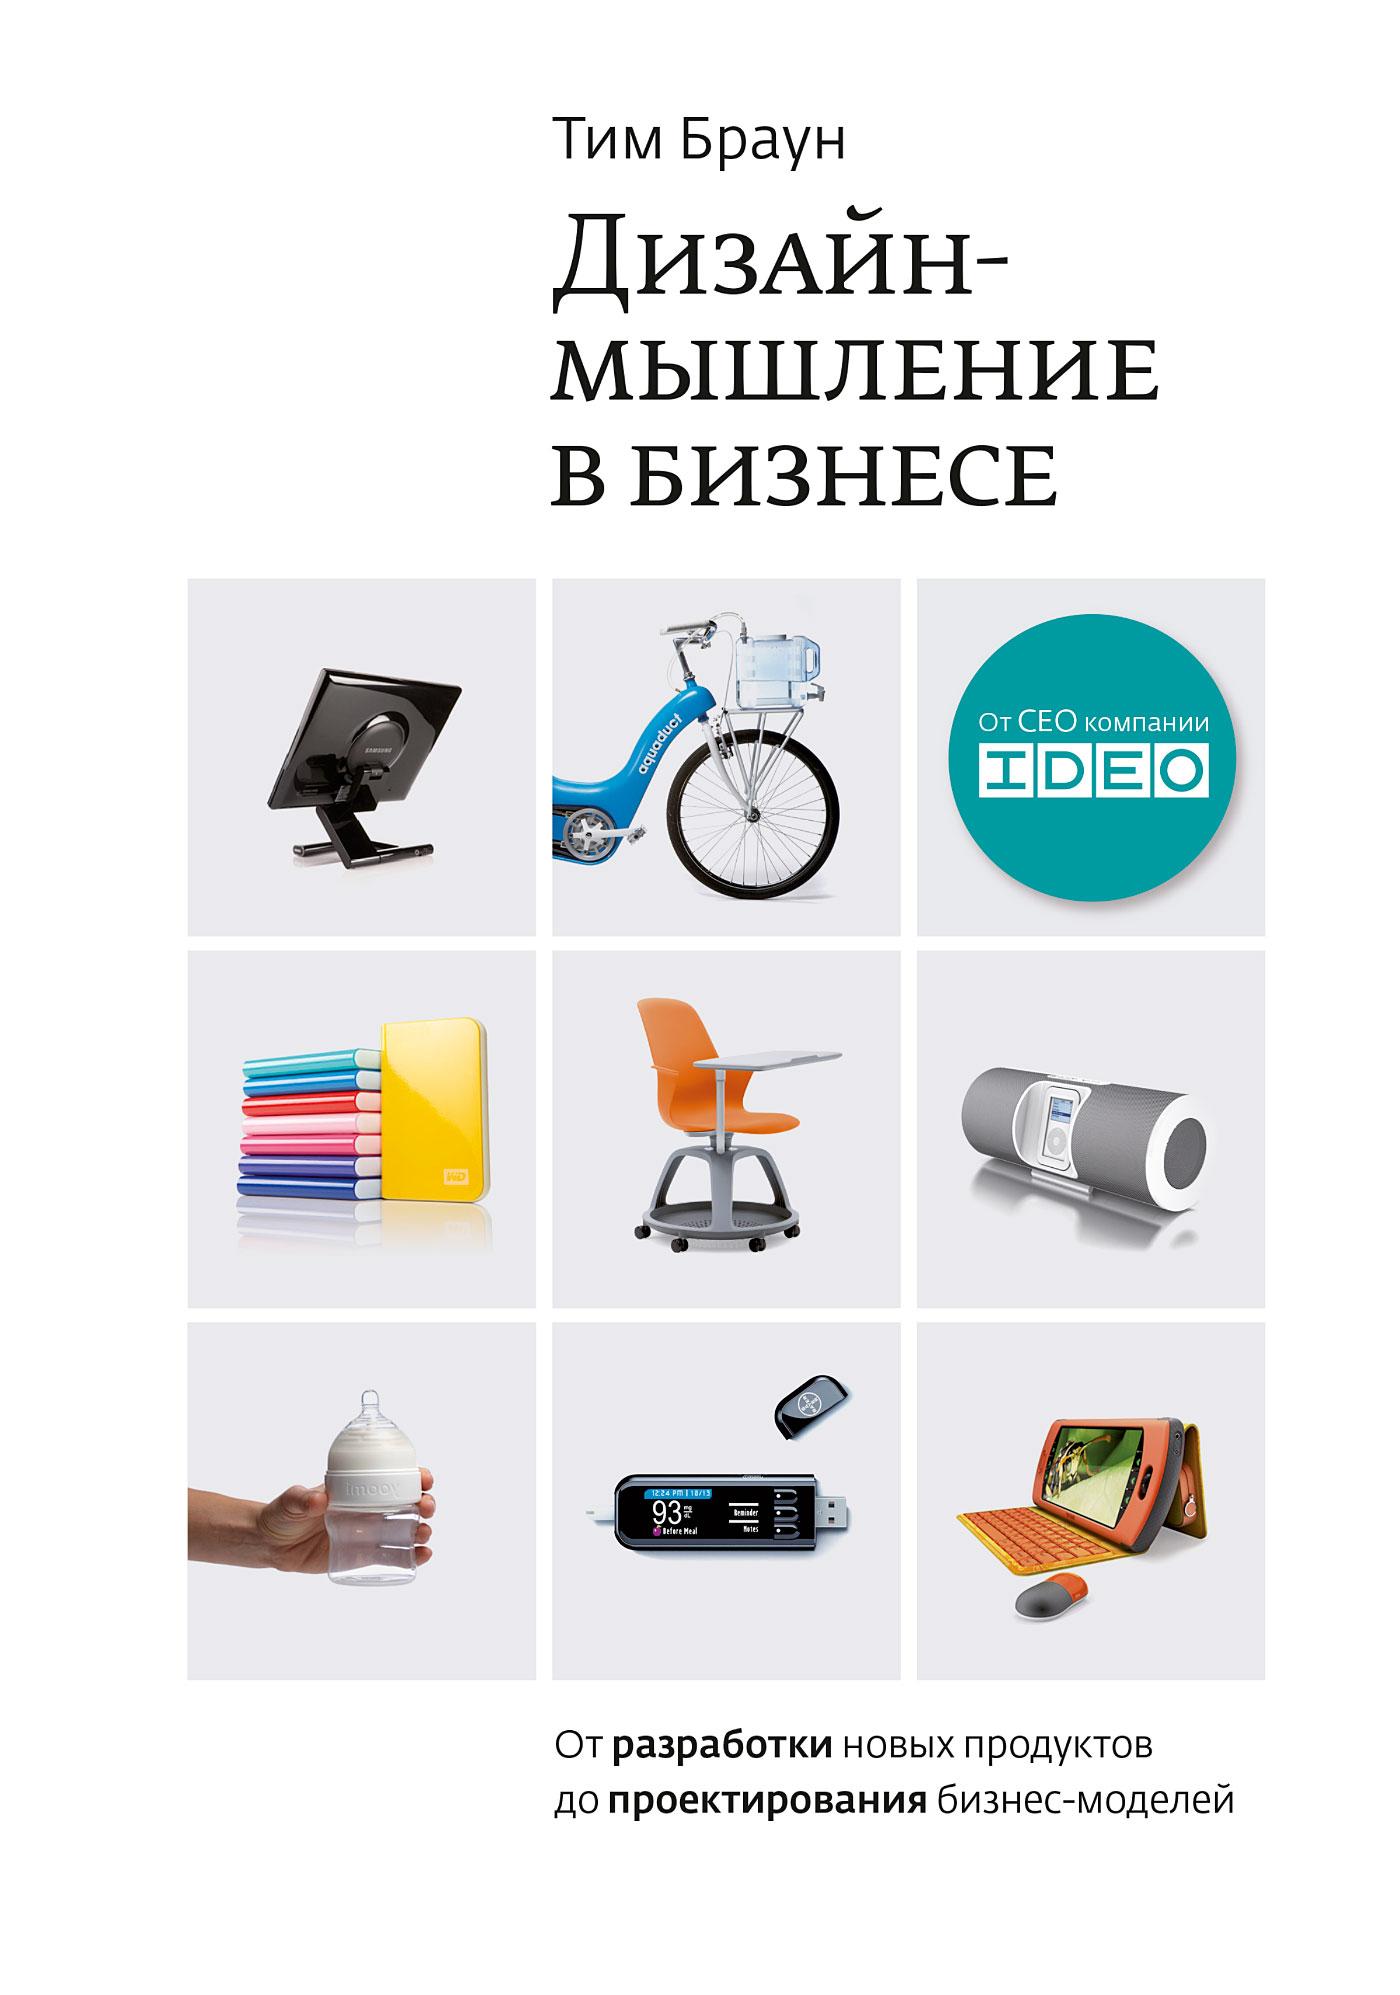 Тим Браун «Дизайн-мышление в бизнесе: от разработки новых продуктов до проектирования бизнес-моделей»